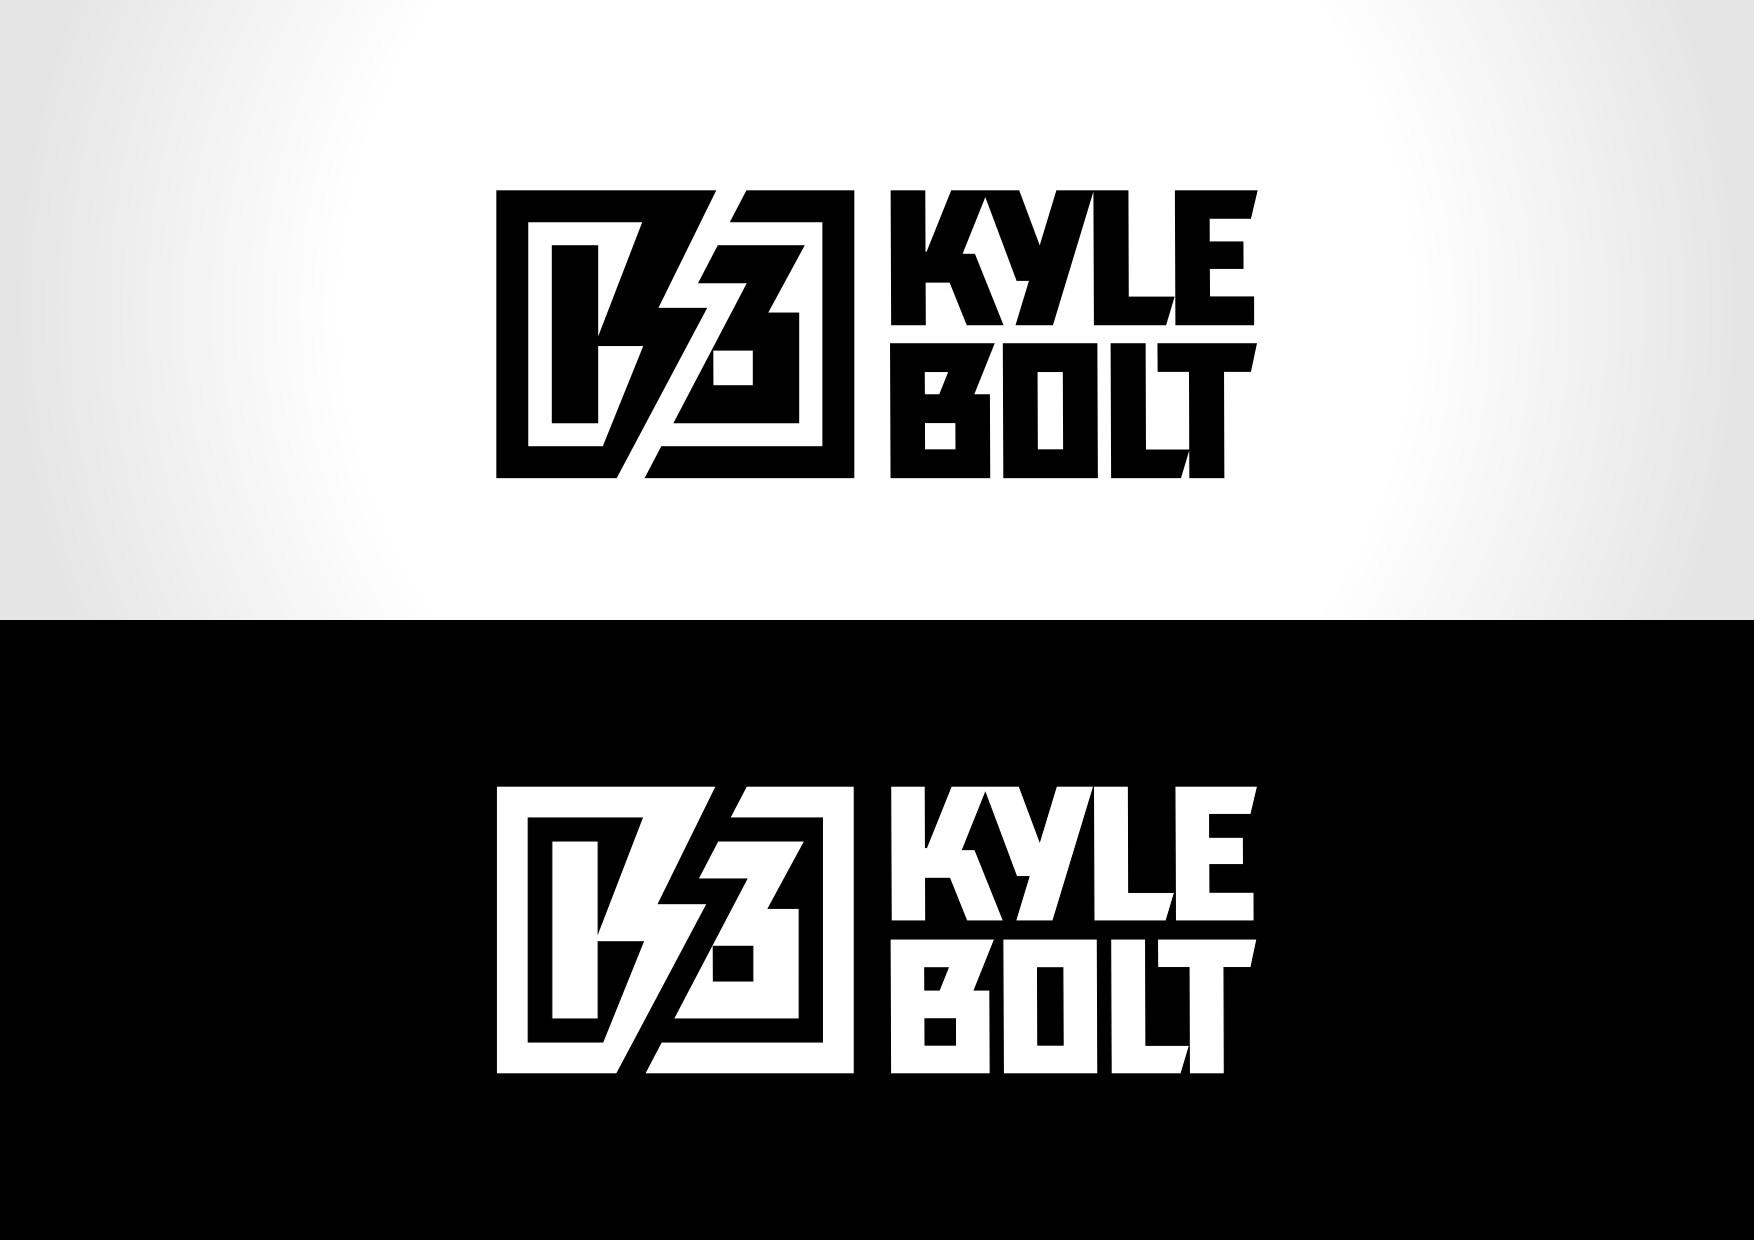 Music Producer Logo - Creative Project - 'Kyle Bolt'